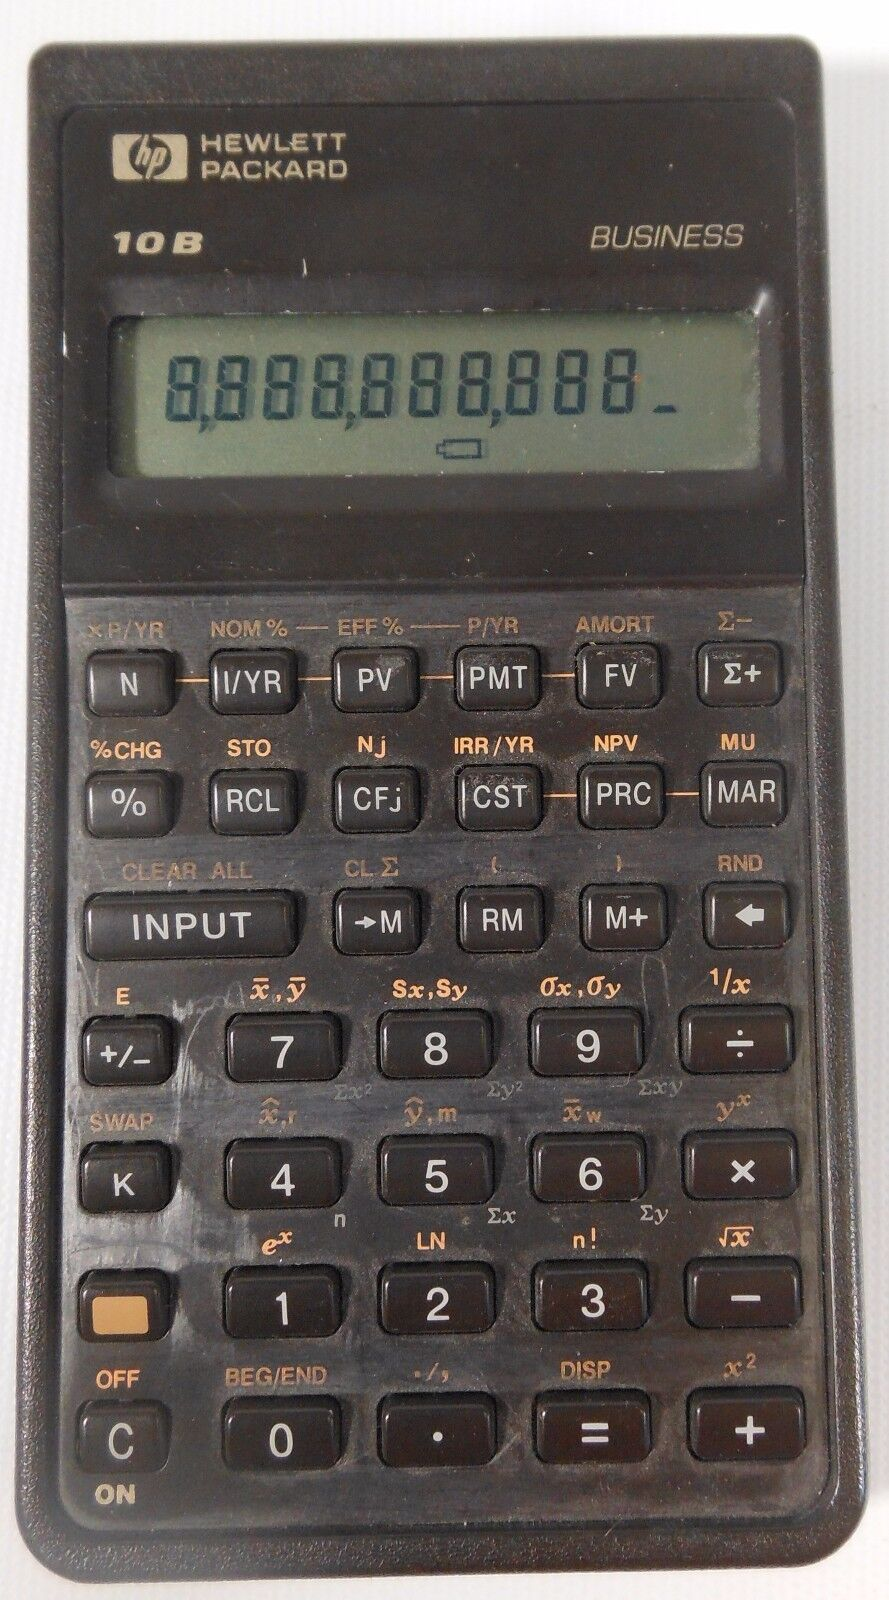 HEWLETT PACKARD HP-10B BUSINESS FINANCIAL HANDHELD ELECTRONIC CALUCULATOR